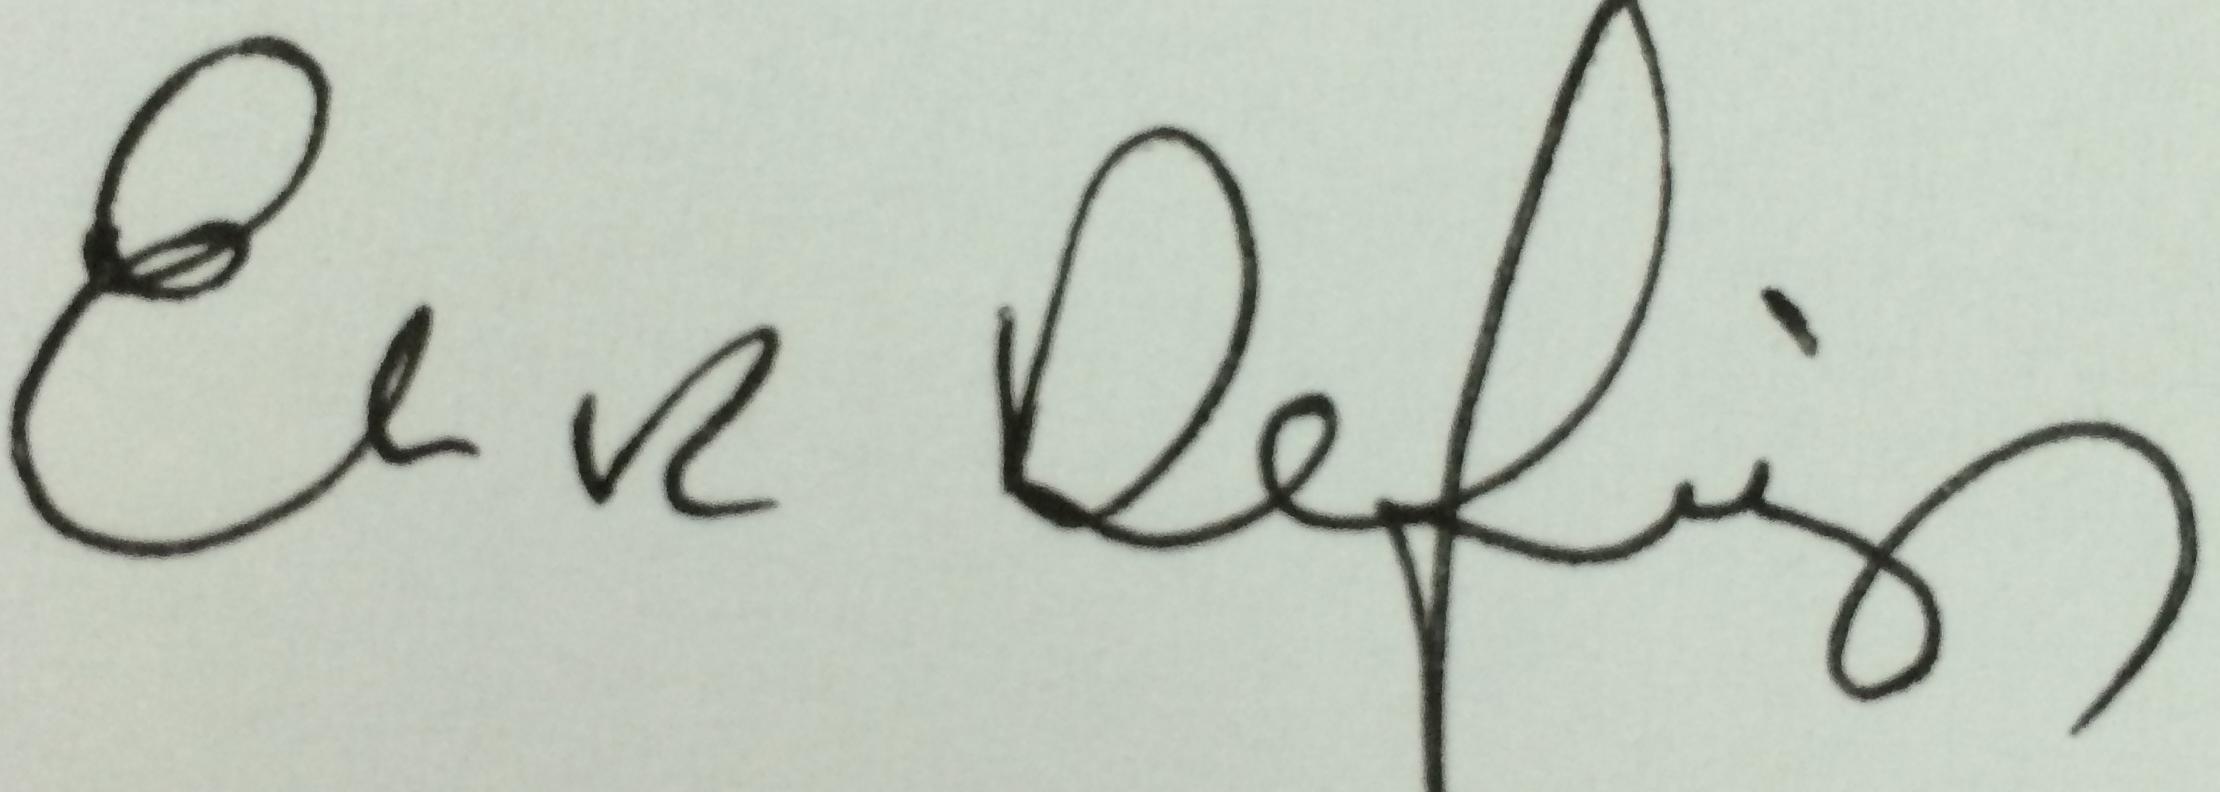 Elaine Defibaugh's Signature